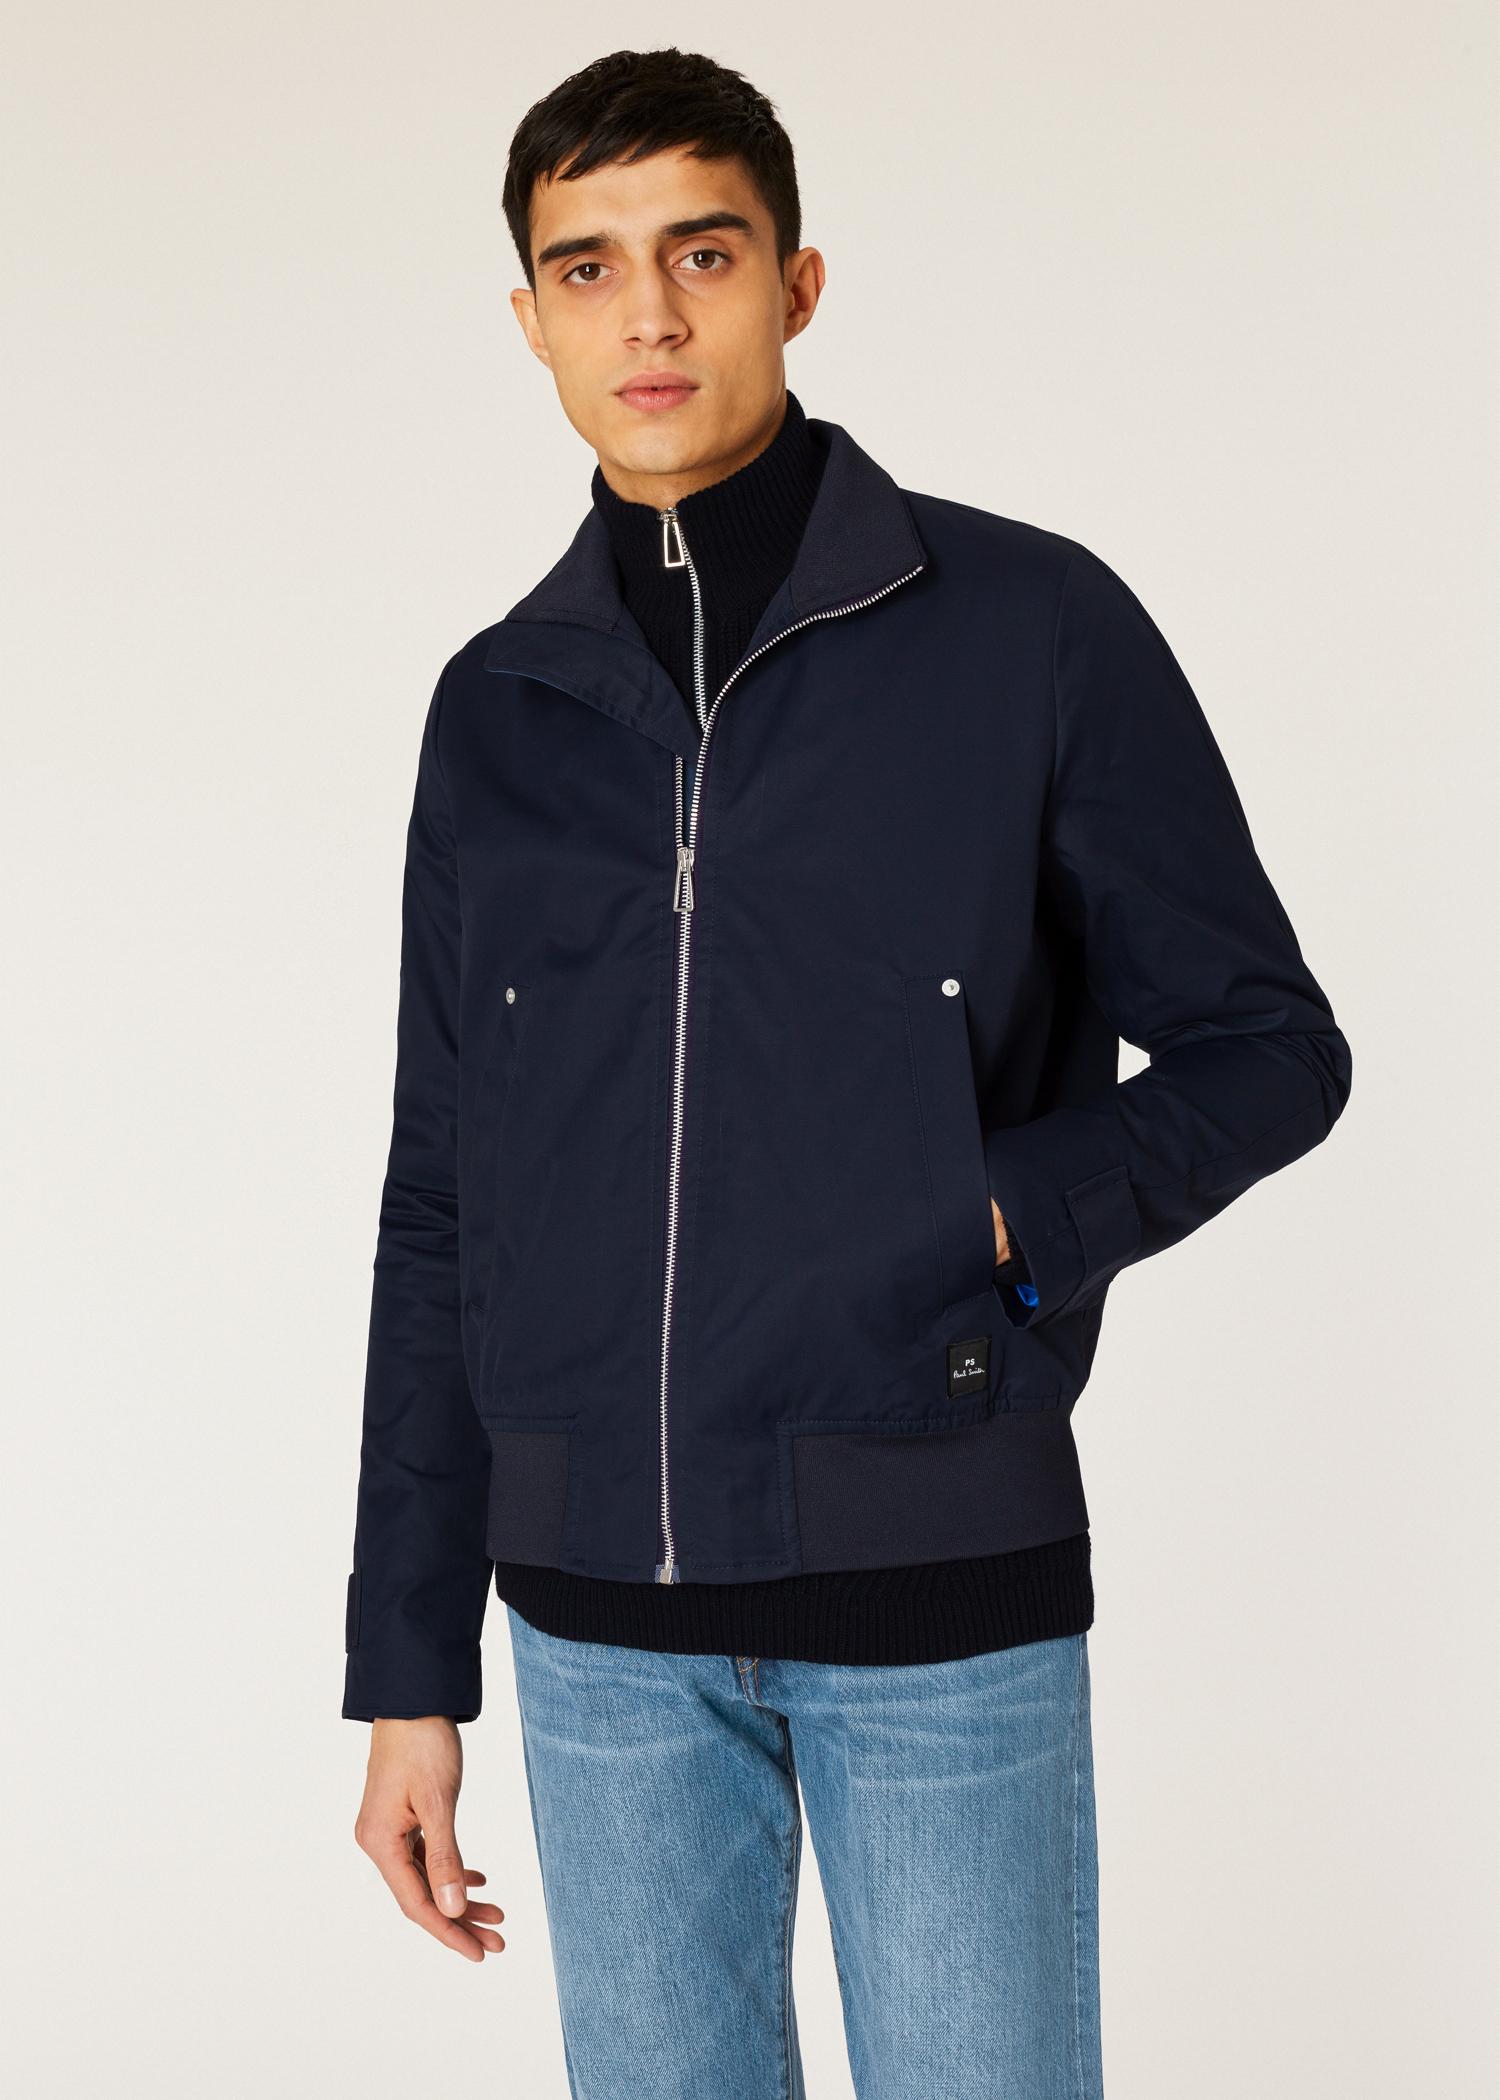 1c5a58e975faf Model front close up - Men's Navy Cotton-Blend Harrington Jacket Paul Smith